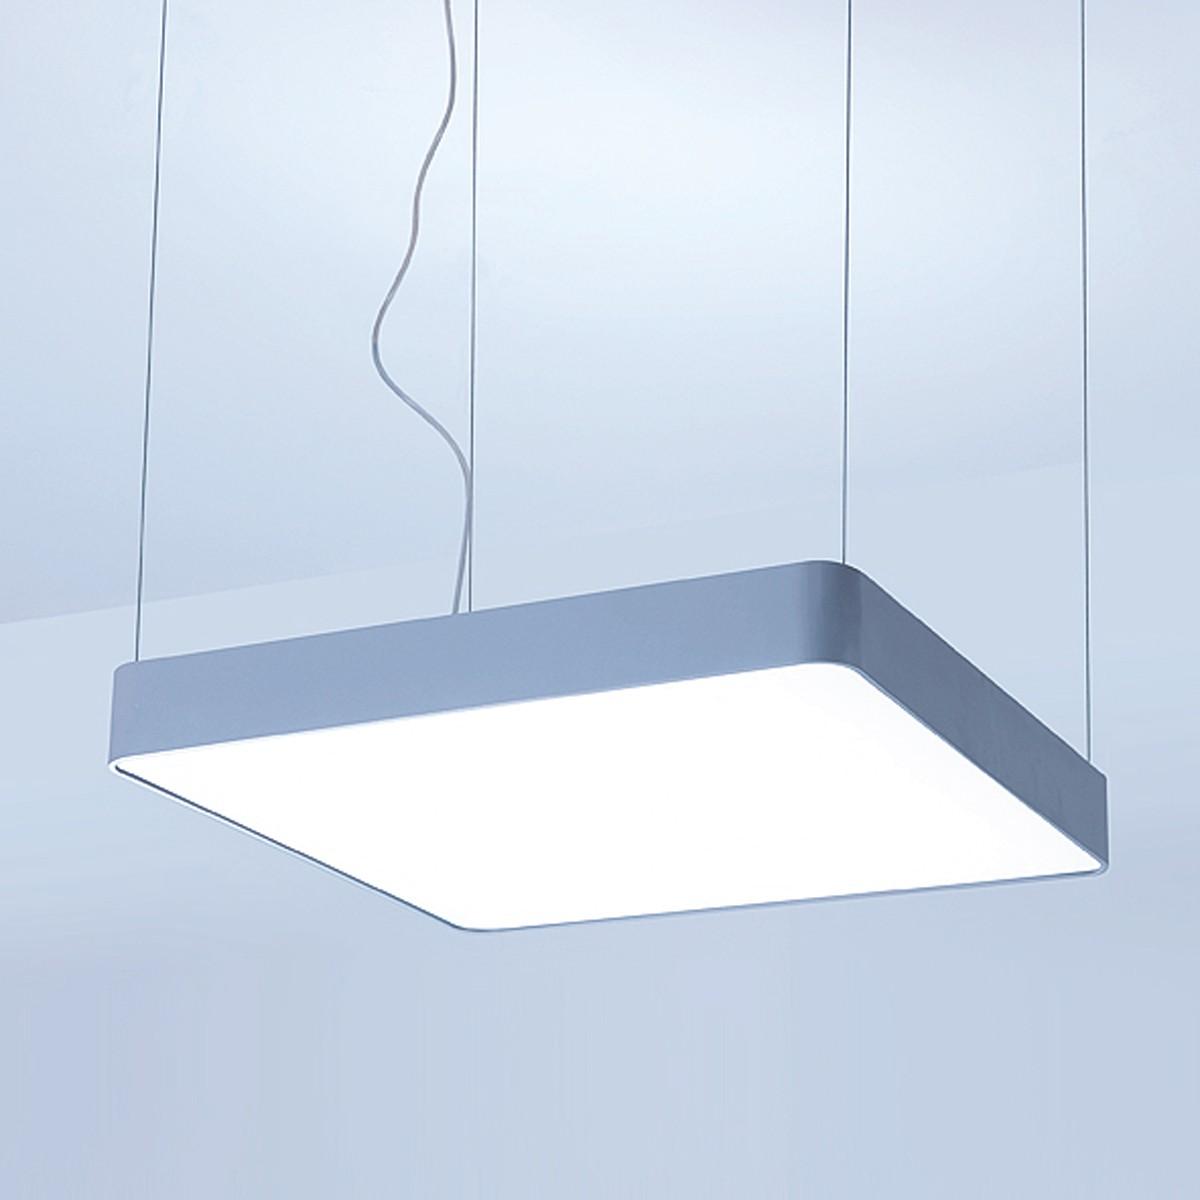 Lightnet Caleo-P2 Pendelleuchte, 43 x 43 cm, Silber matt